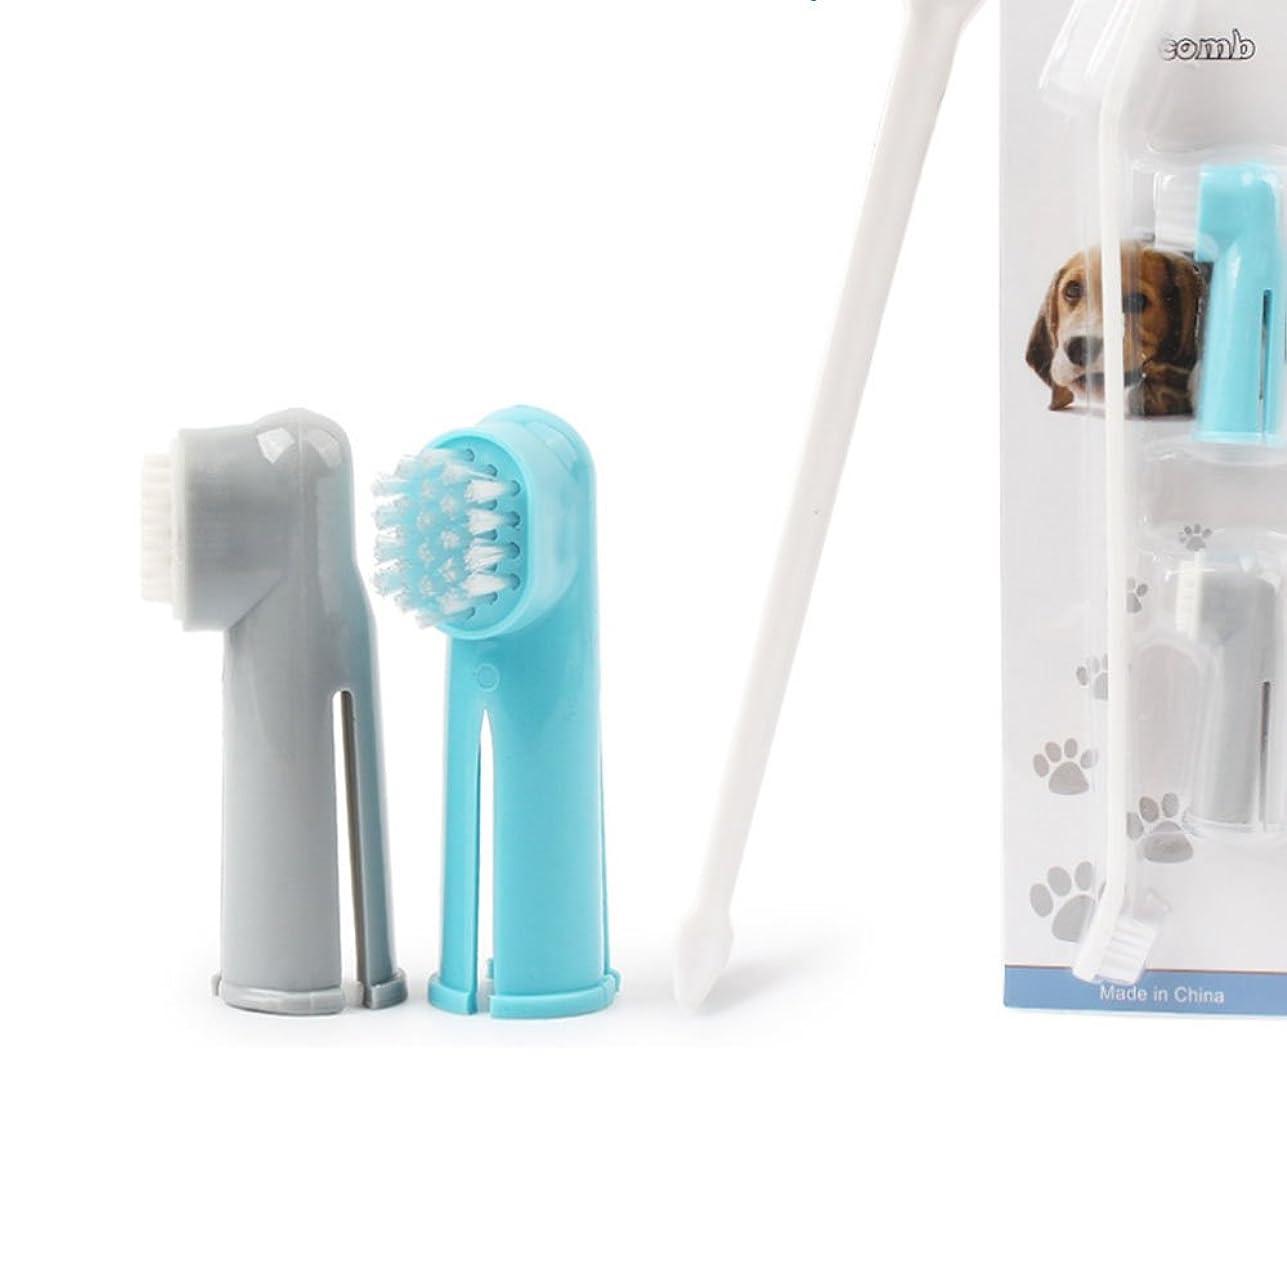 リー最悪サドルBartram 指歯 ブラシ 犬猫用歯ブラシ 歯磨き フィンガータイプ ソフト フィンガータイプ デンタルケア 3ピースセット